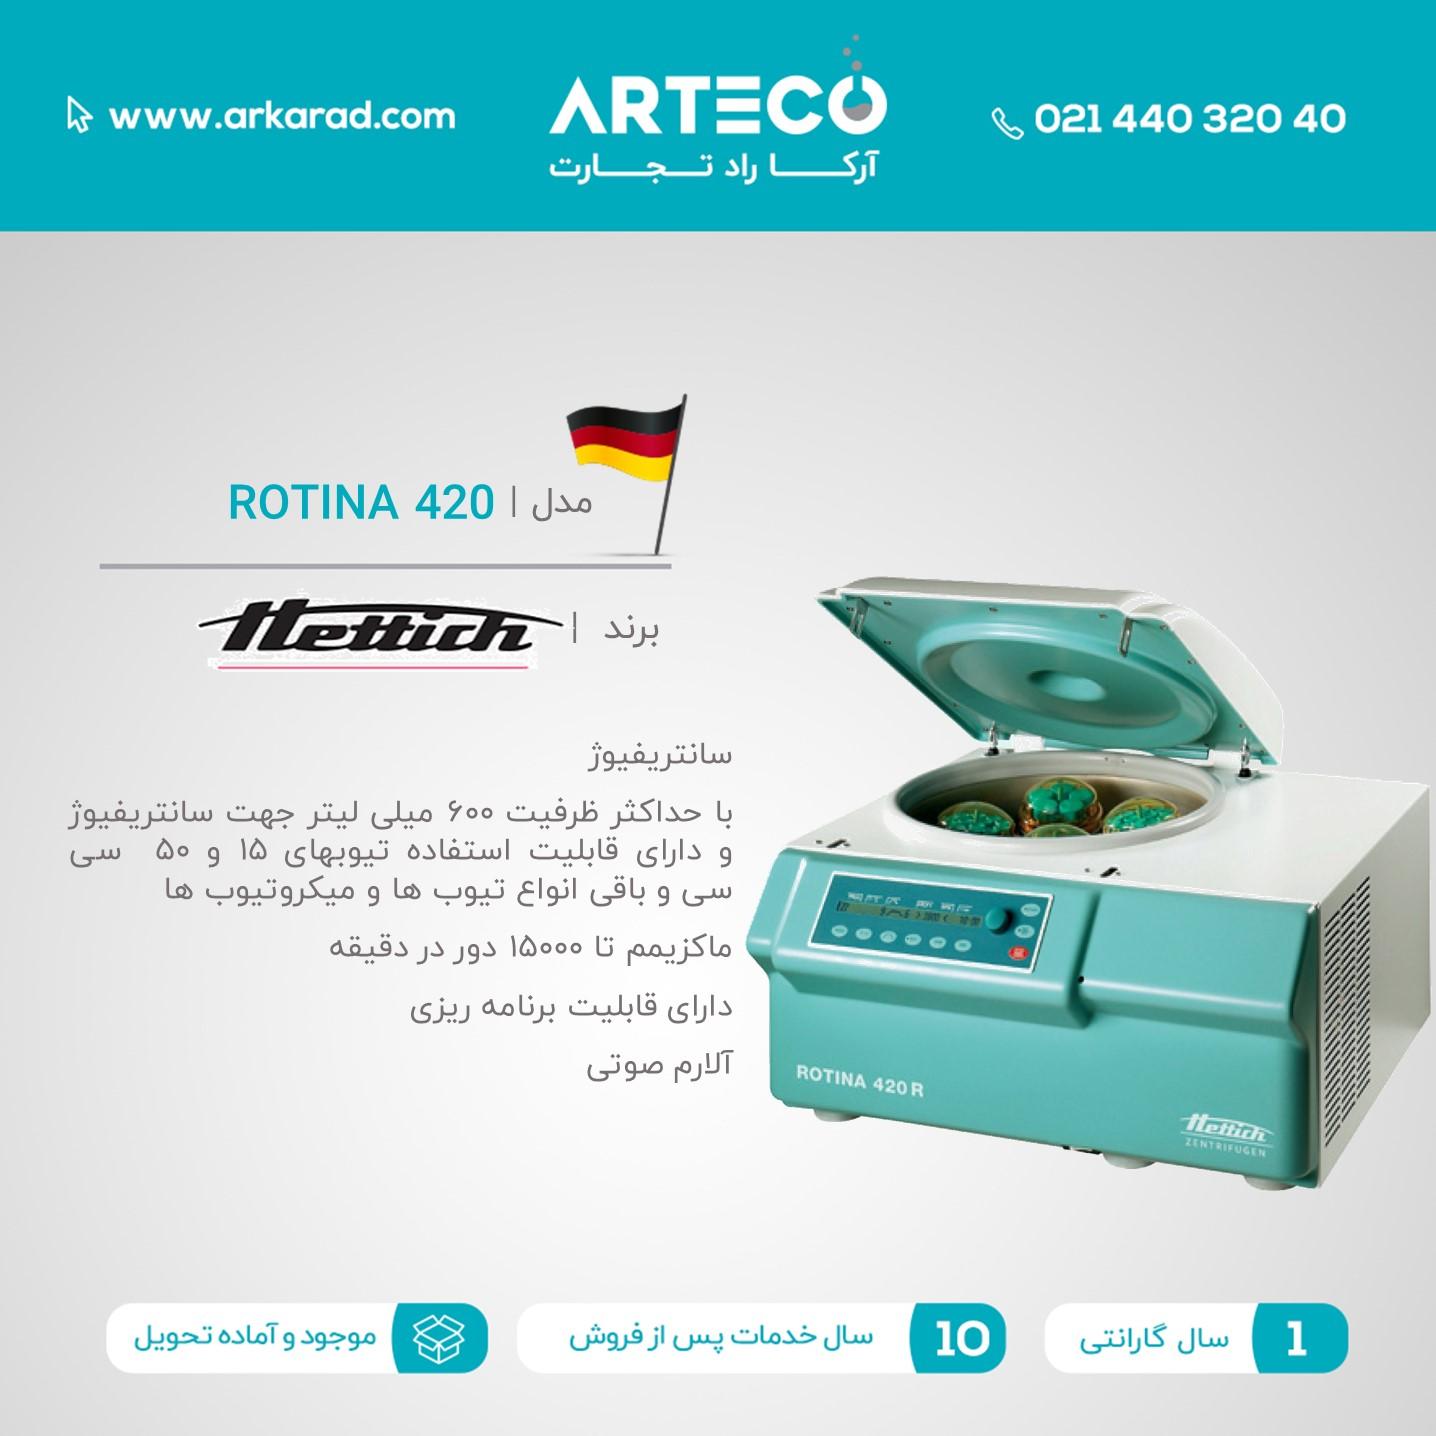 سانتریفیوژ دور بالای Hettich مدل ROTINA420